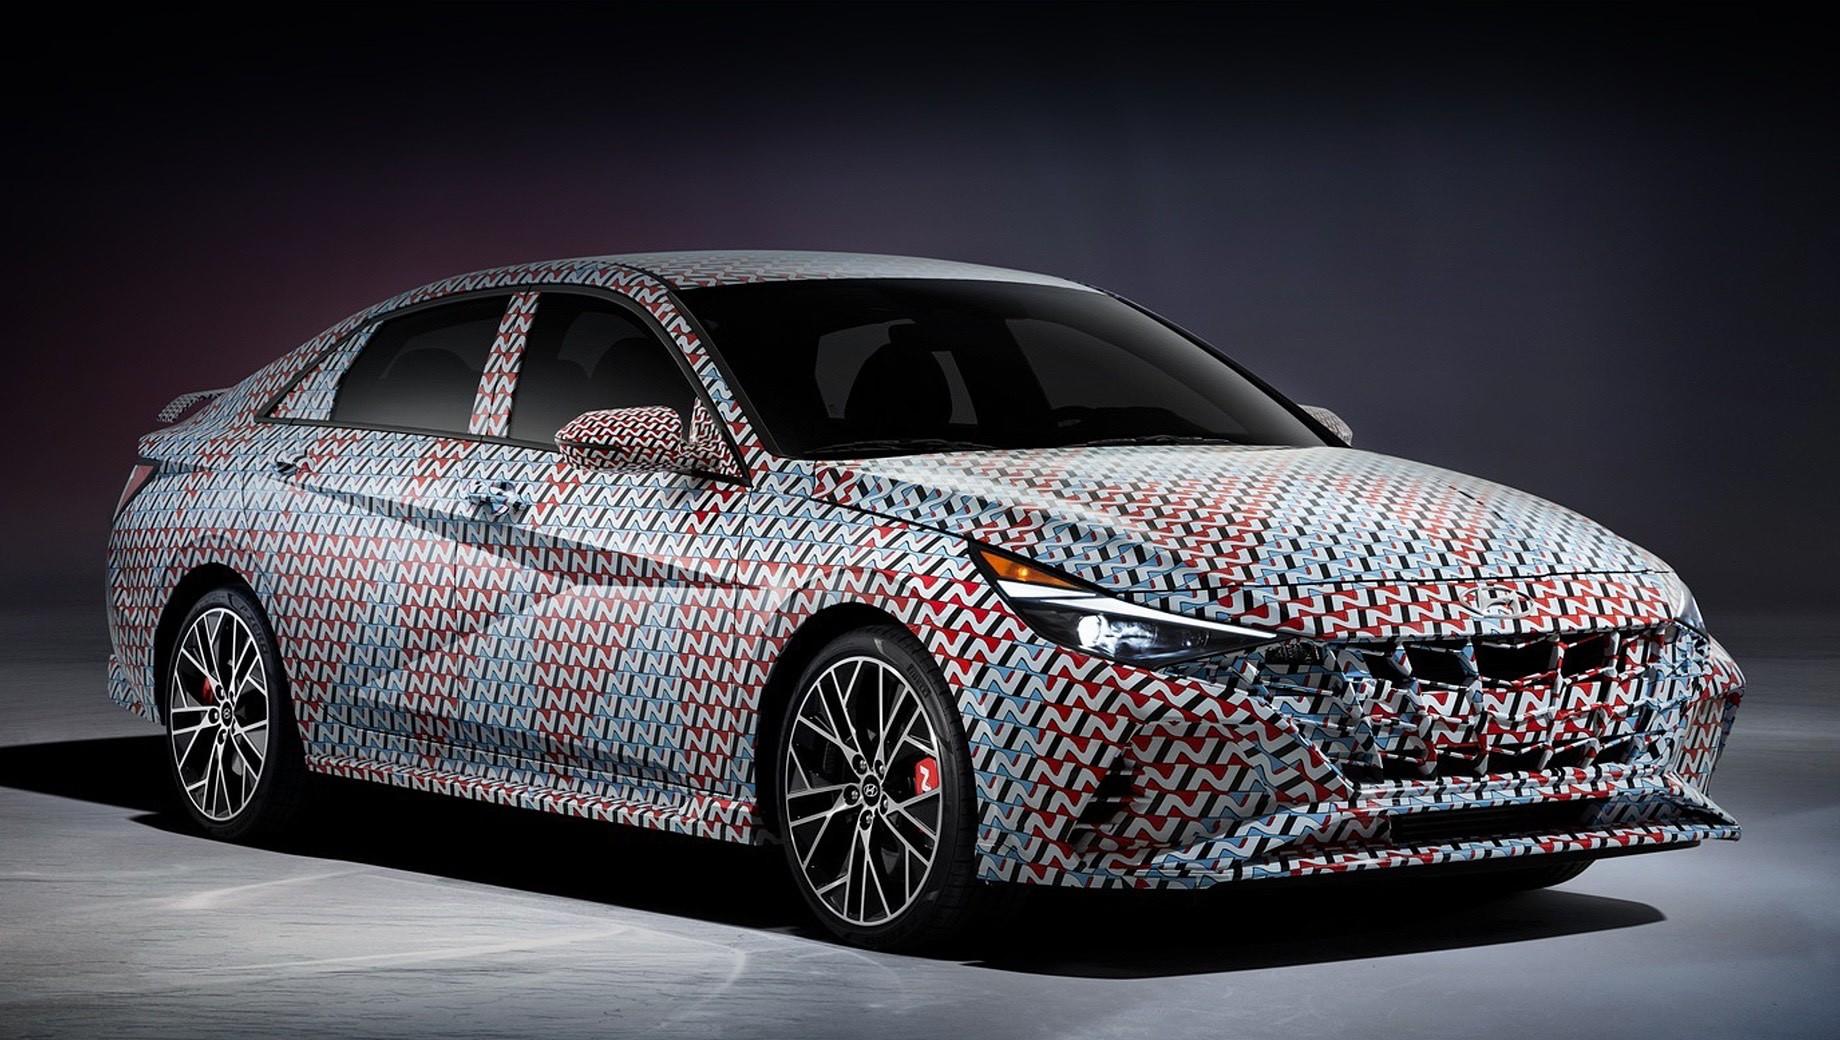 Hyundai elantra n line,Hyundai tucson n. Пока автомобиль представлен только в закамуфлированном облачении с характерным рисунком. Тем не менее при желании можно рассмотреть более агрессивный бампер и боковые юбки. Красные суппорты с маркировкой модификации нарочито выставлены напоказ.